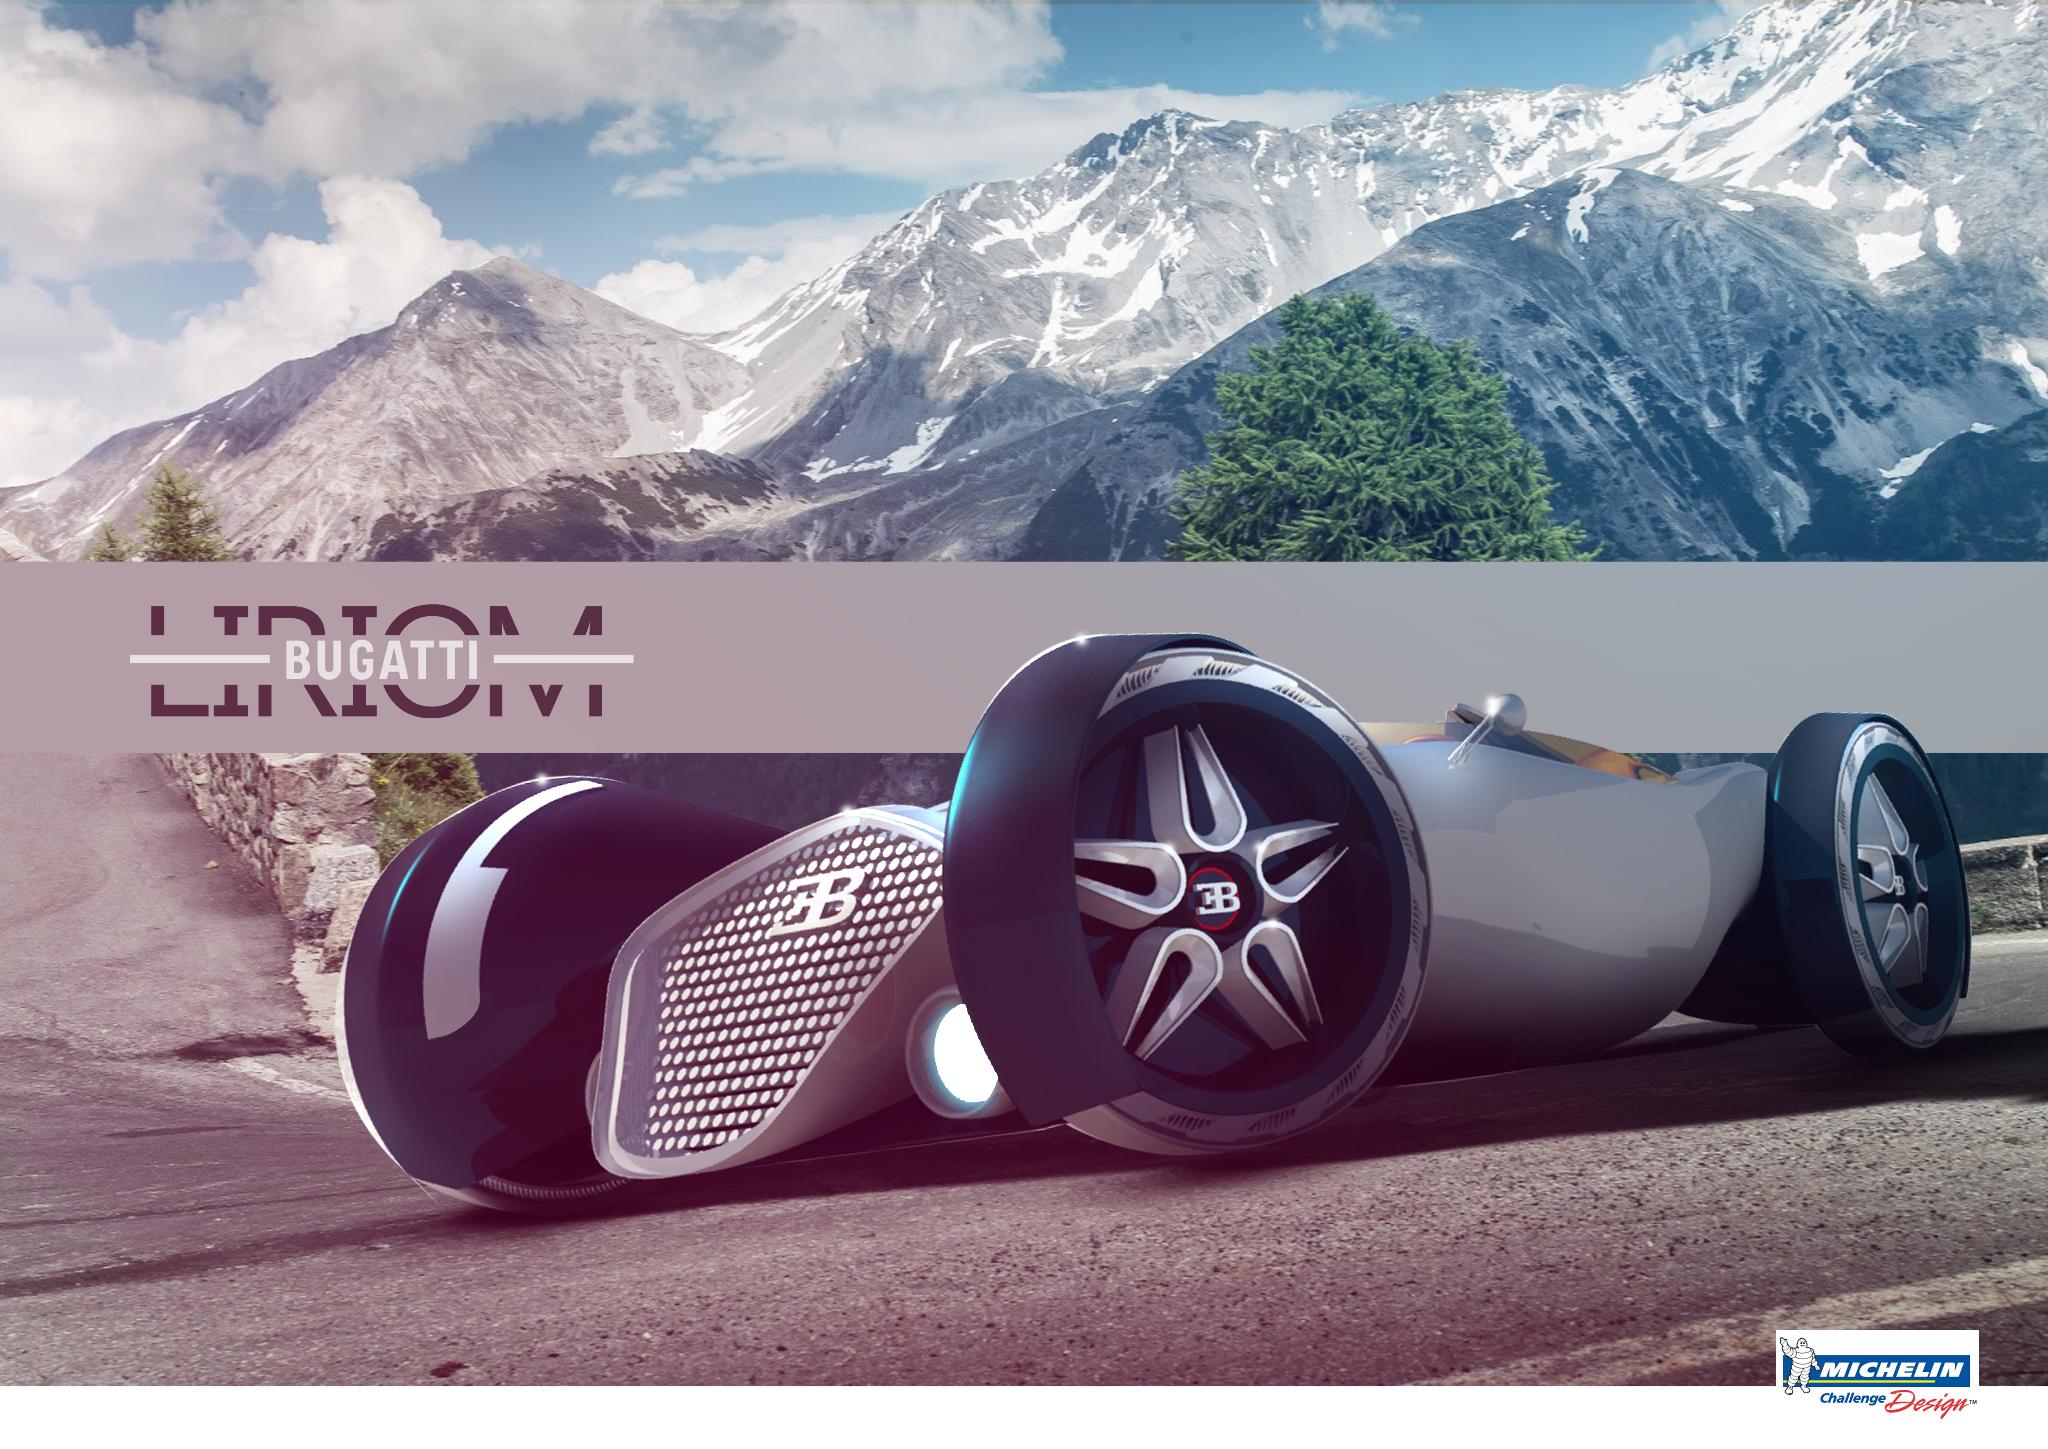 Bugatti Eb Liriom By Cristian Polanco Guatemala